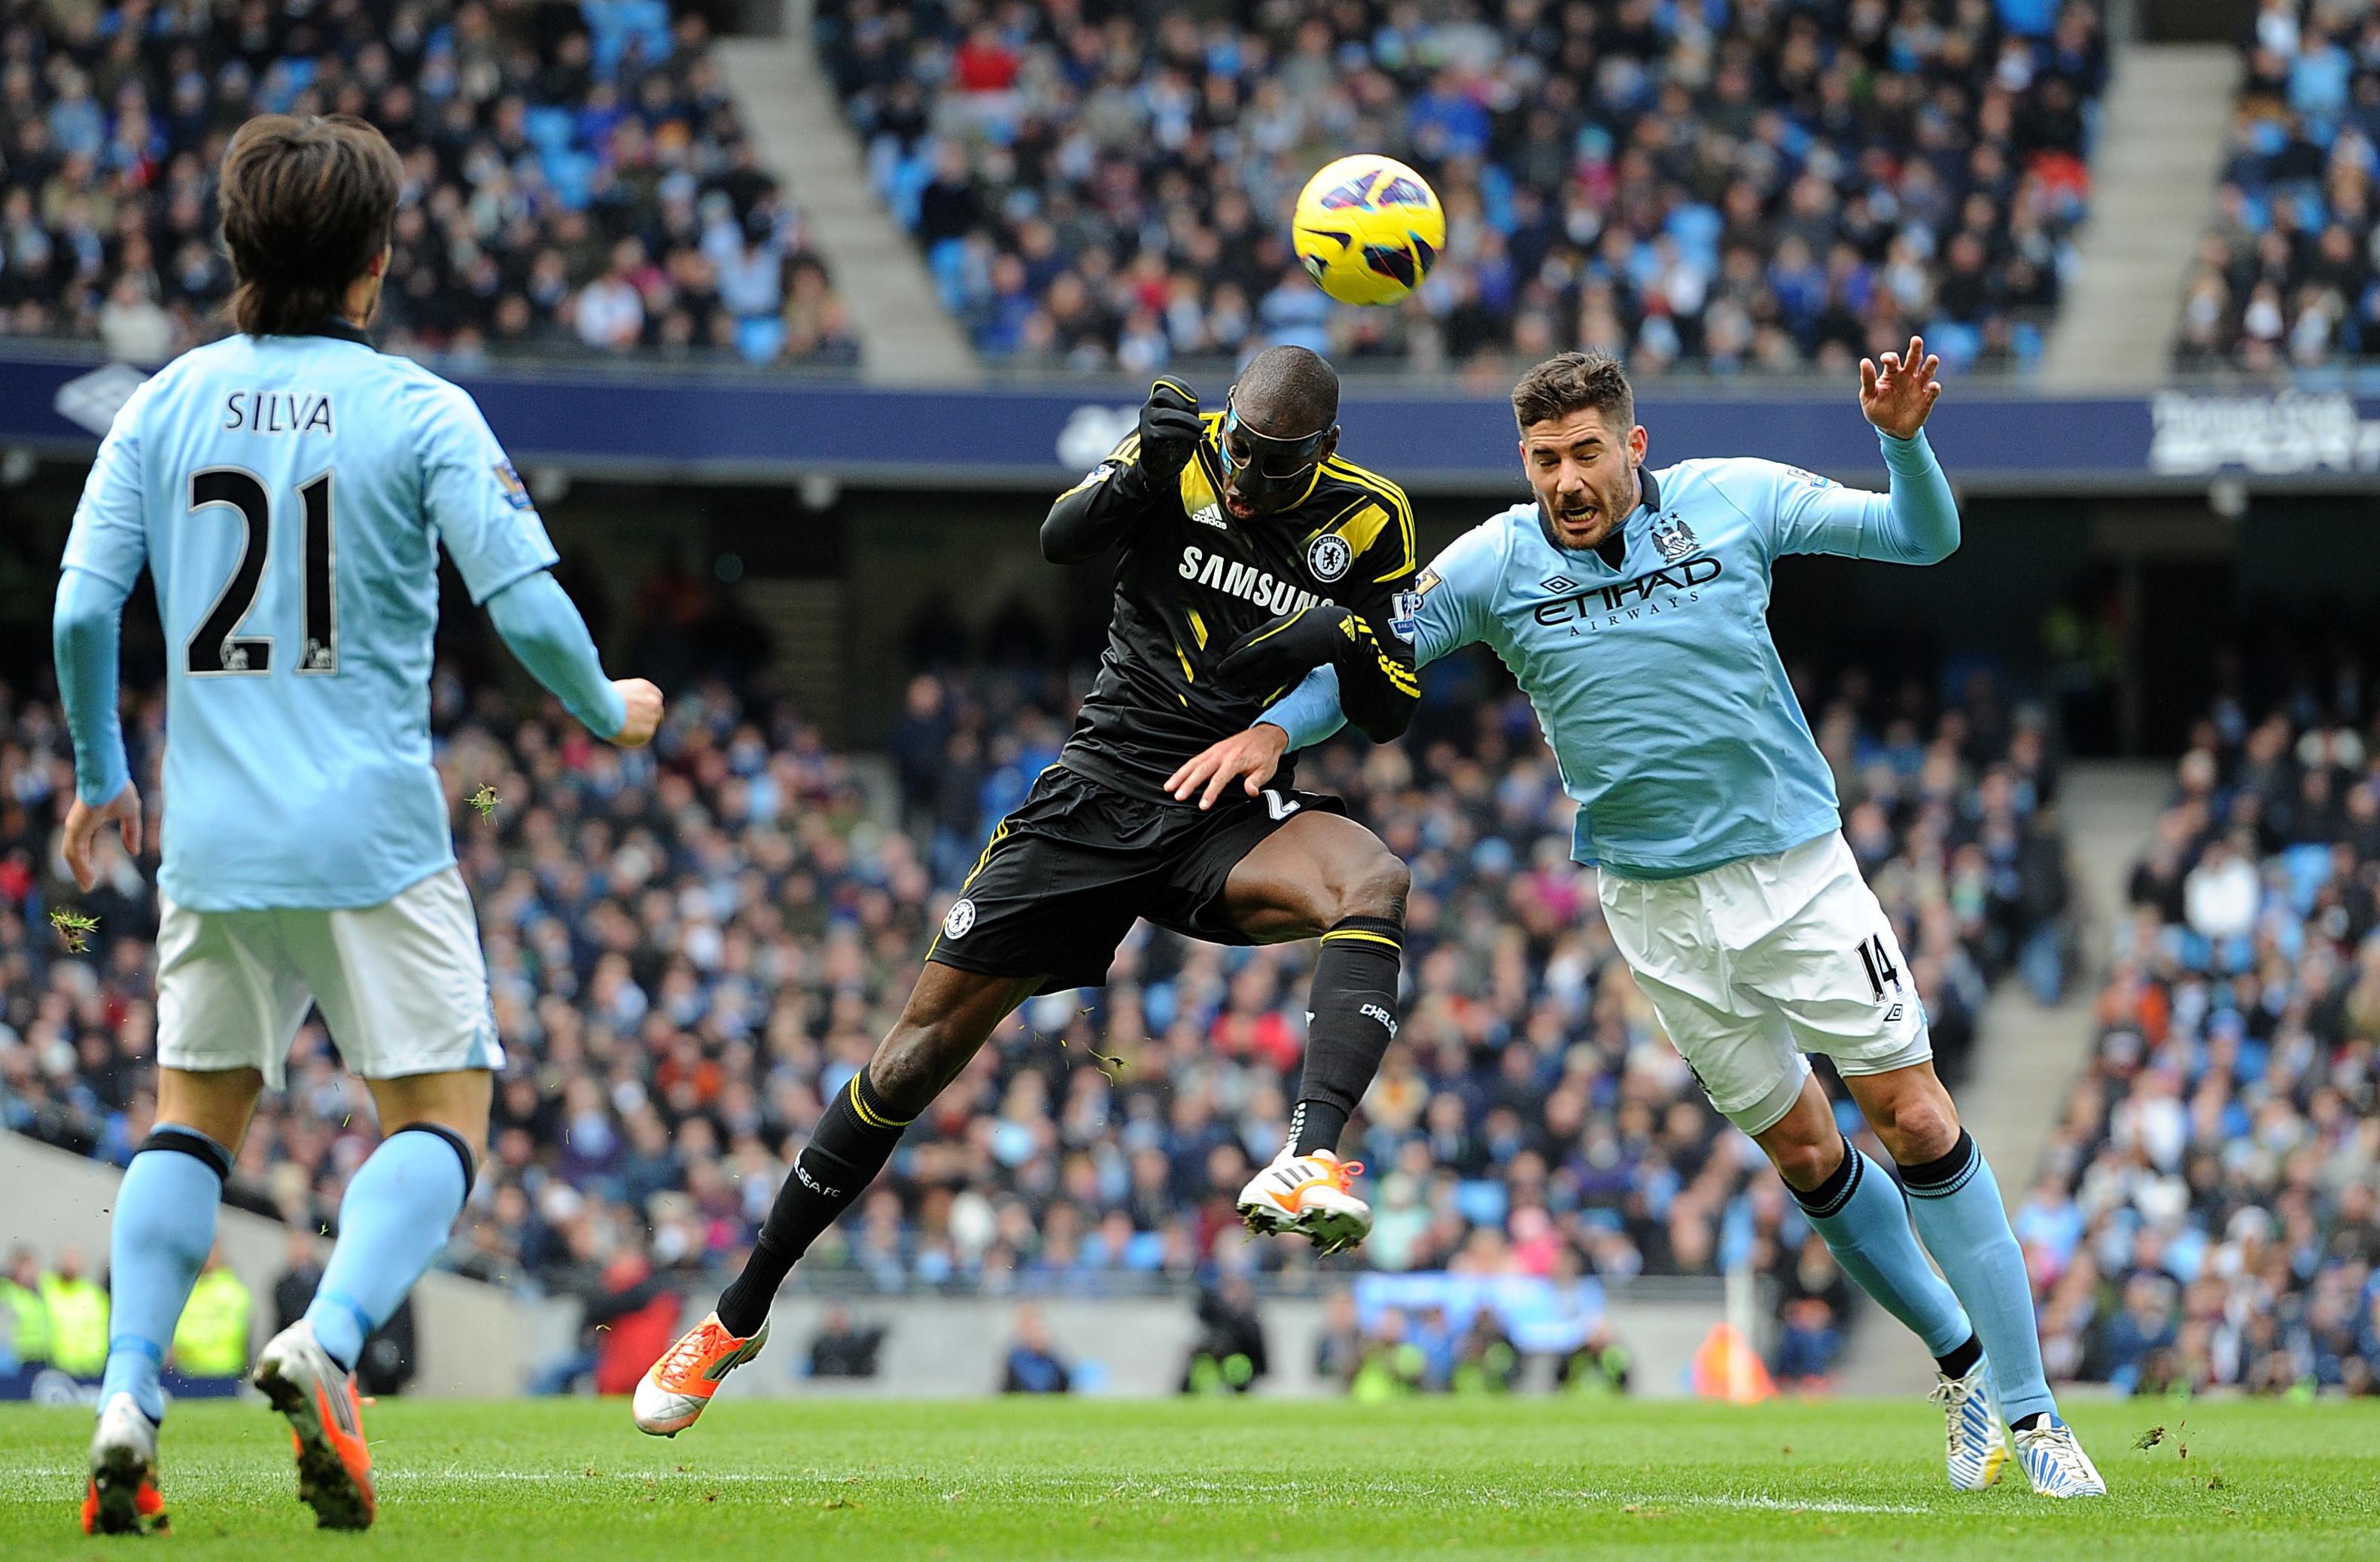 Mancity Vs Chelsea: Manchester City Vs Chelsea Soccer Pick